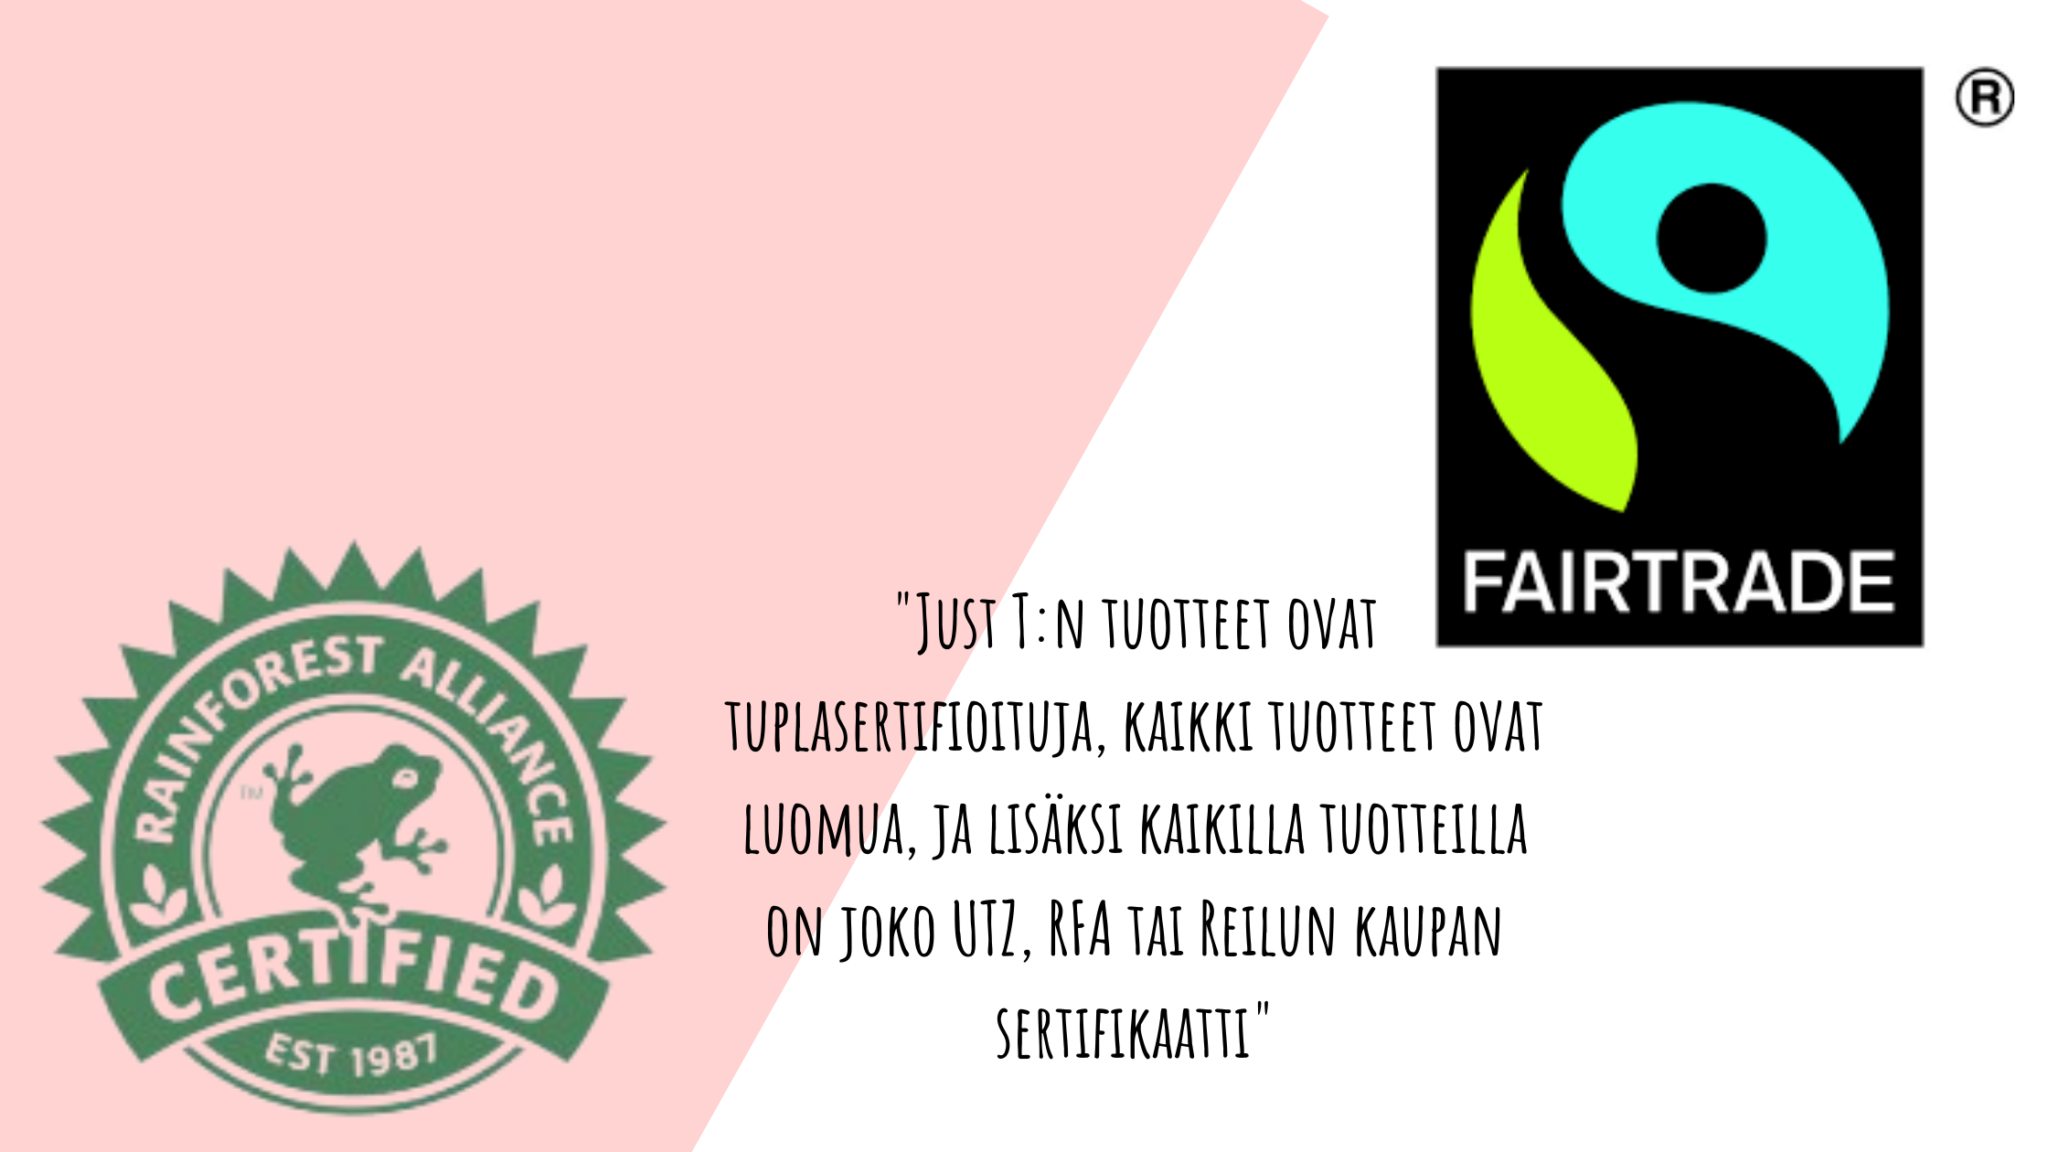 """vastuullisia teehetkiä, RFA ja reilukauppa logot, sekä teksti """"Just T:n tuotteet ovat tuplasertifioituja, kaikki tuotteet ovat luomua, ja lisäksi kaikilla tuotteilla on joko UTZ, RFA tai Reilun kaupan sertifikaatti"""""""